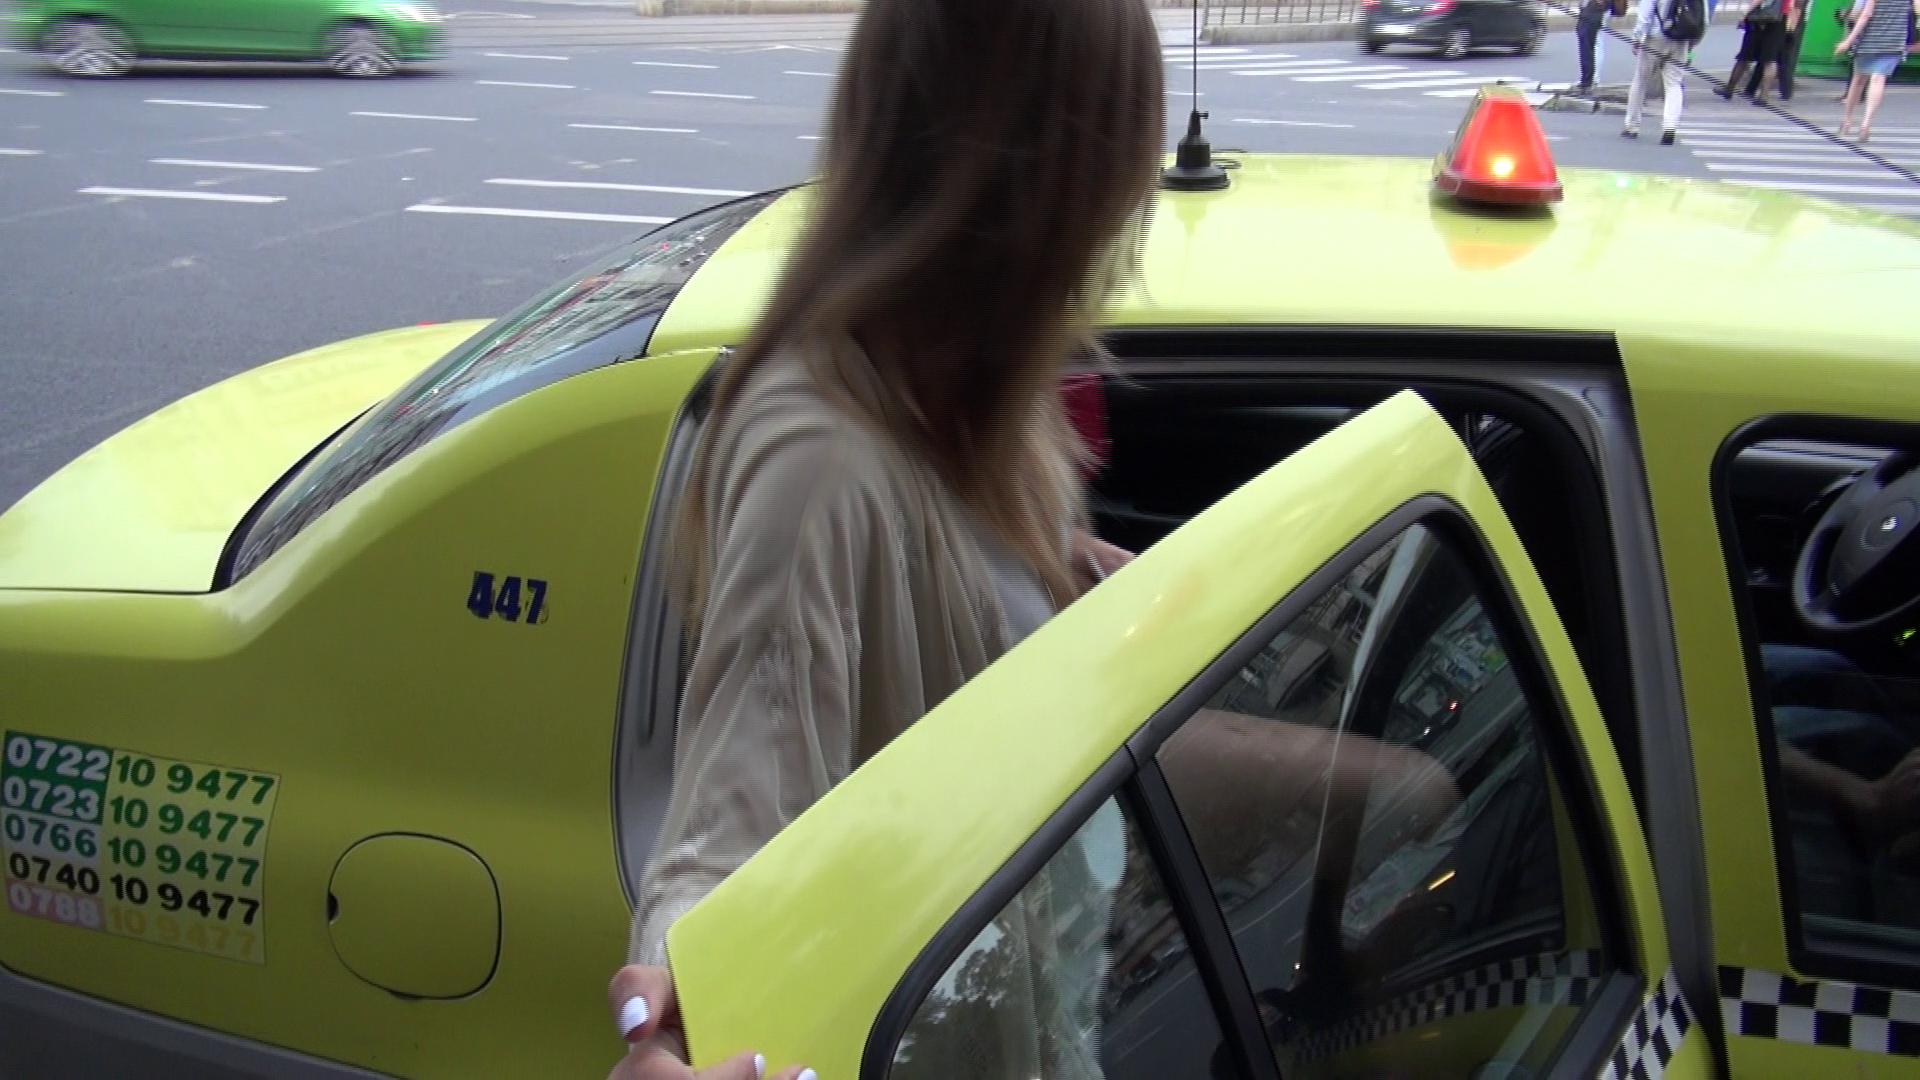 Emma s-a urcat in primul taxi si a plecat spre casa, pentru a-si face un test de sarcina